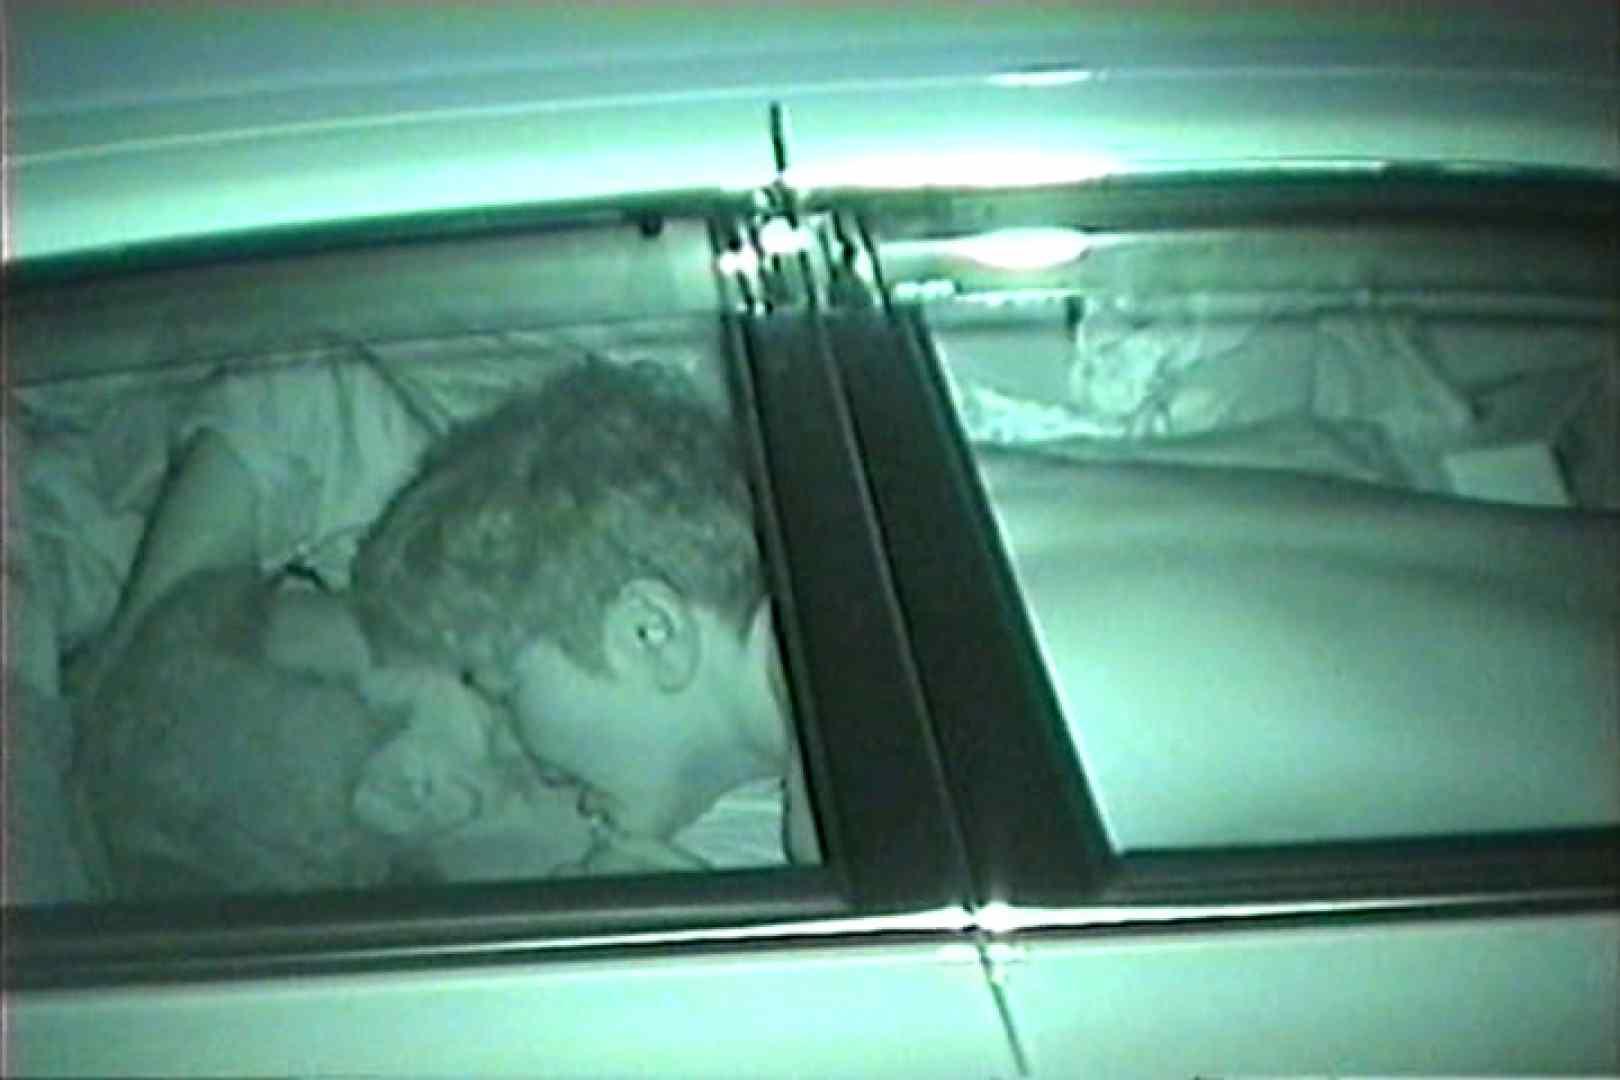 車の中はラブホテル 無修正版  Vol.28 OLセックス | カップル  79画像 61